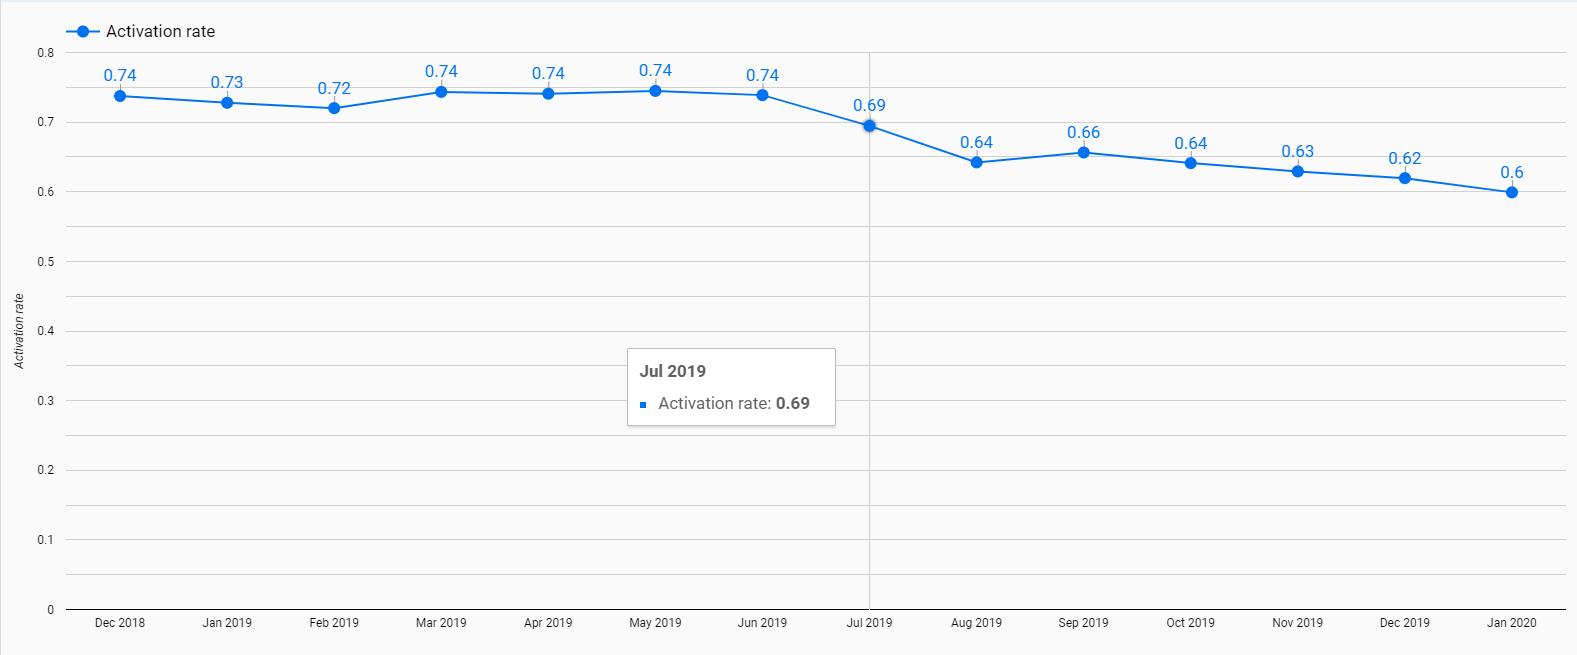 diminuzione del tasso di attivazione dopo l'attrito rimosso dal flusso di iscrizione.